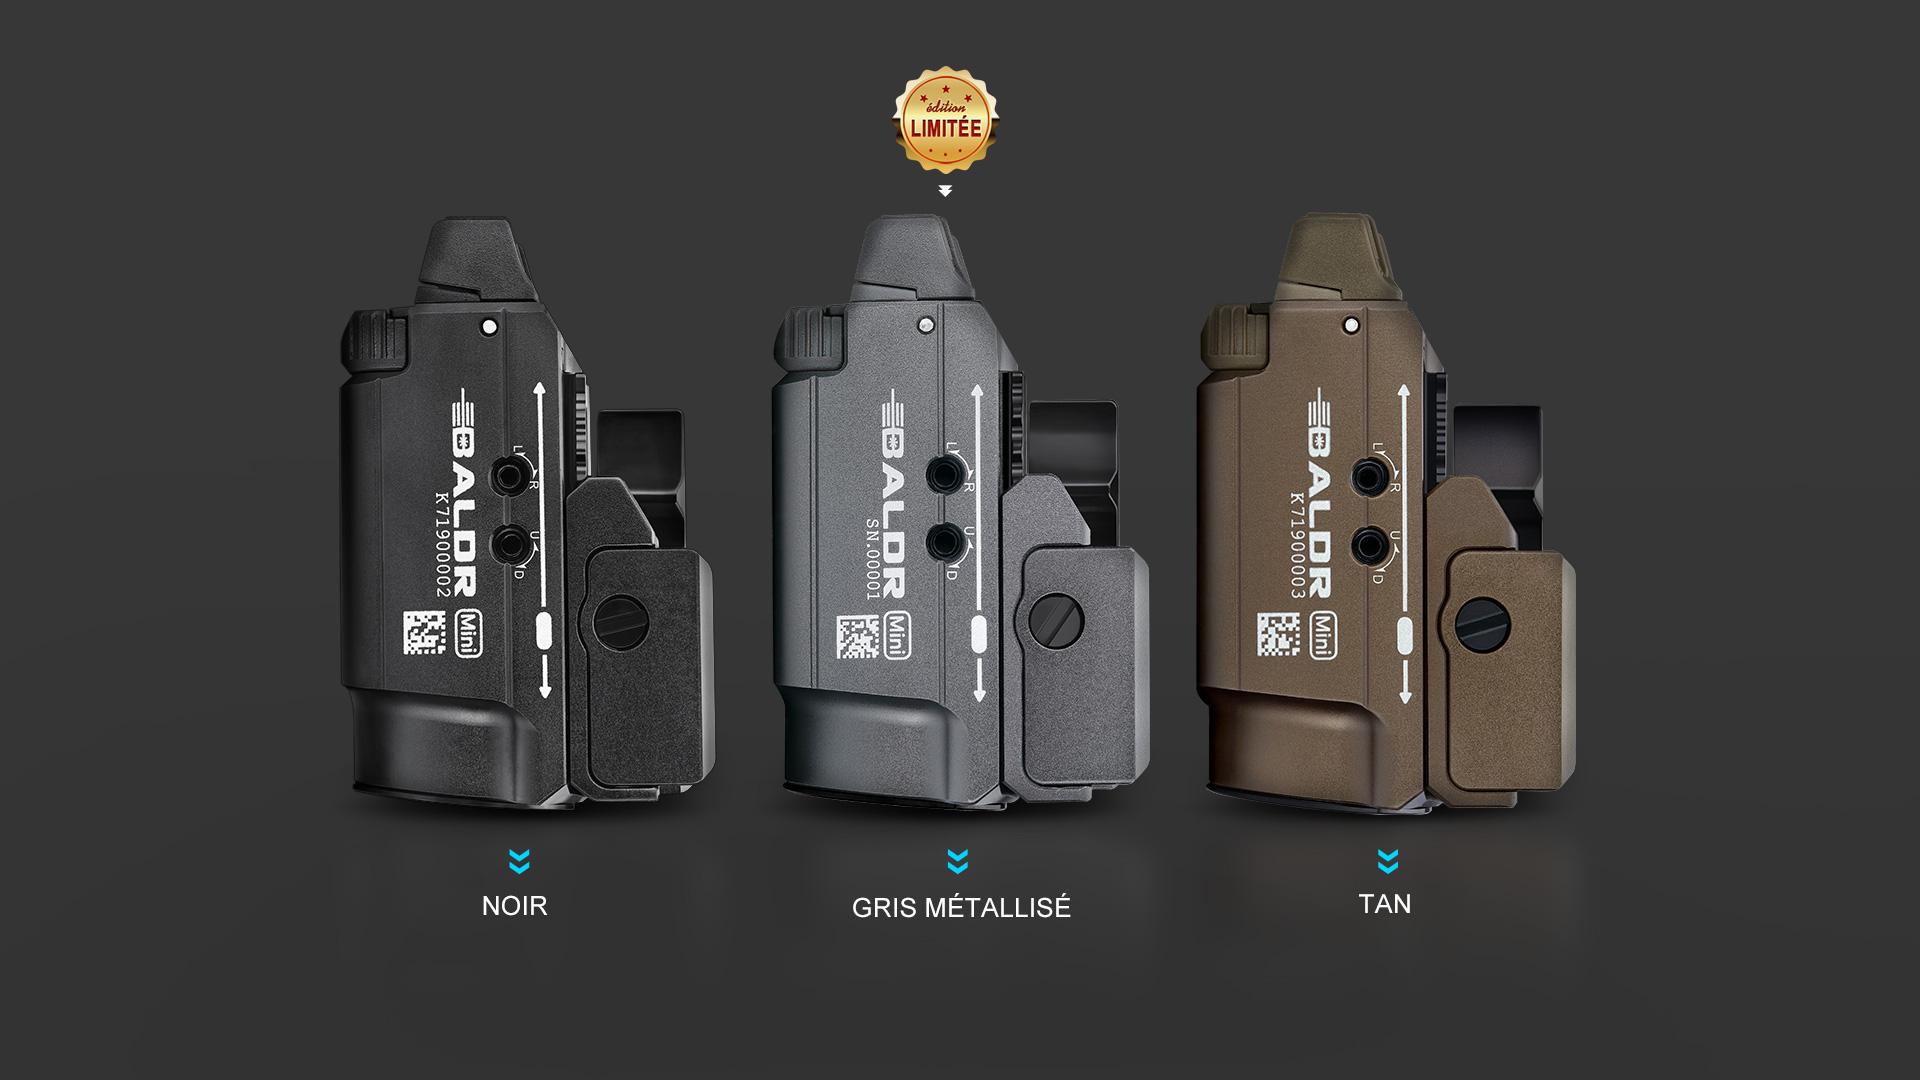 BALDR mini lampe laser militaire 3 couleurs